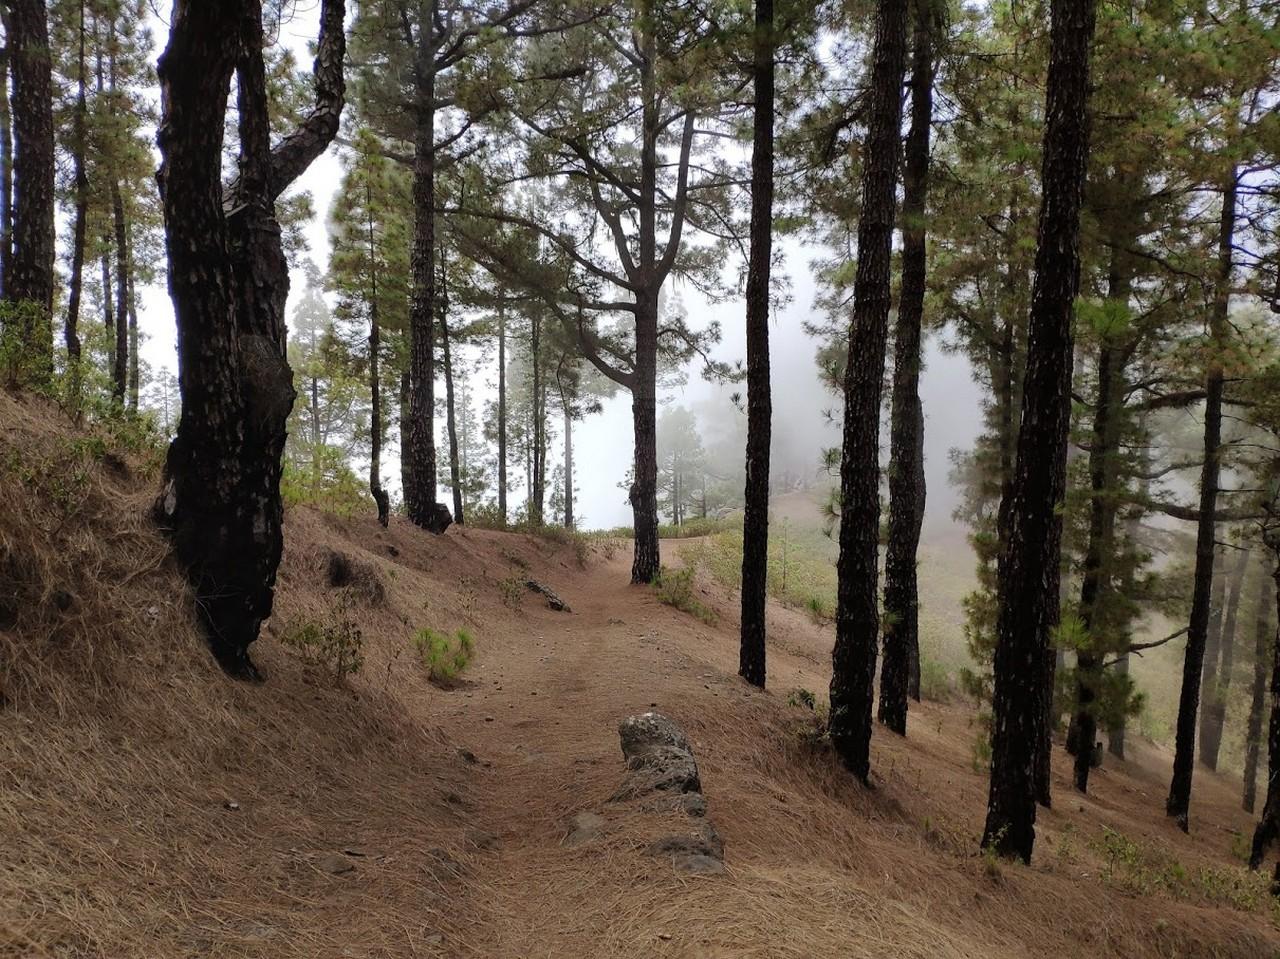 Entramos en un sector ya arbolado, con mucha hoja de pino y con la niebla rodeándonos